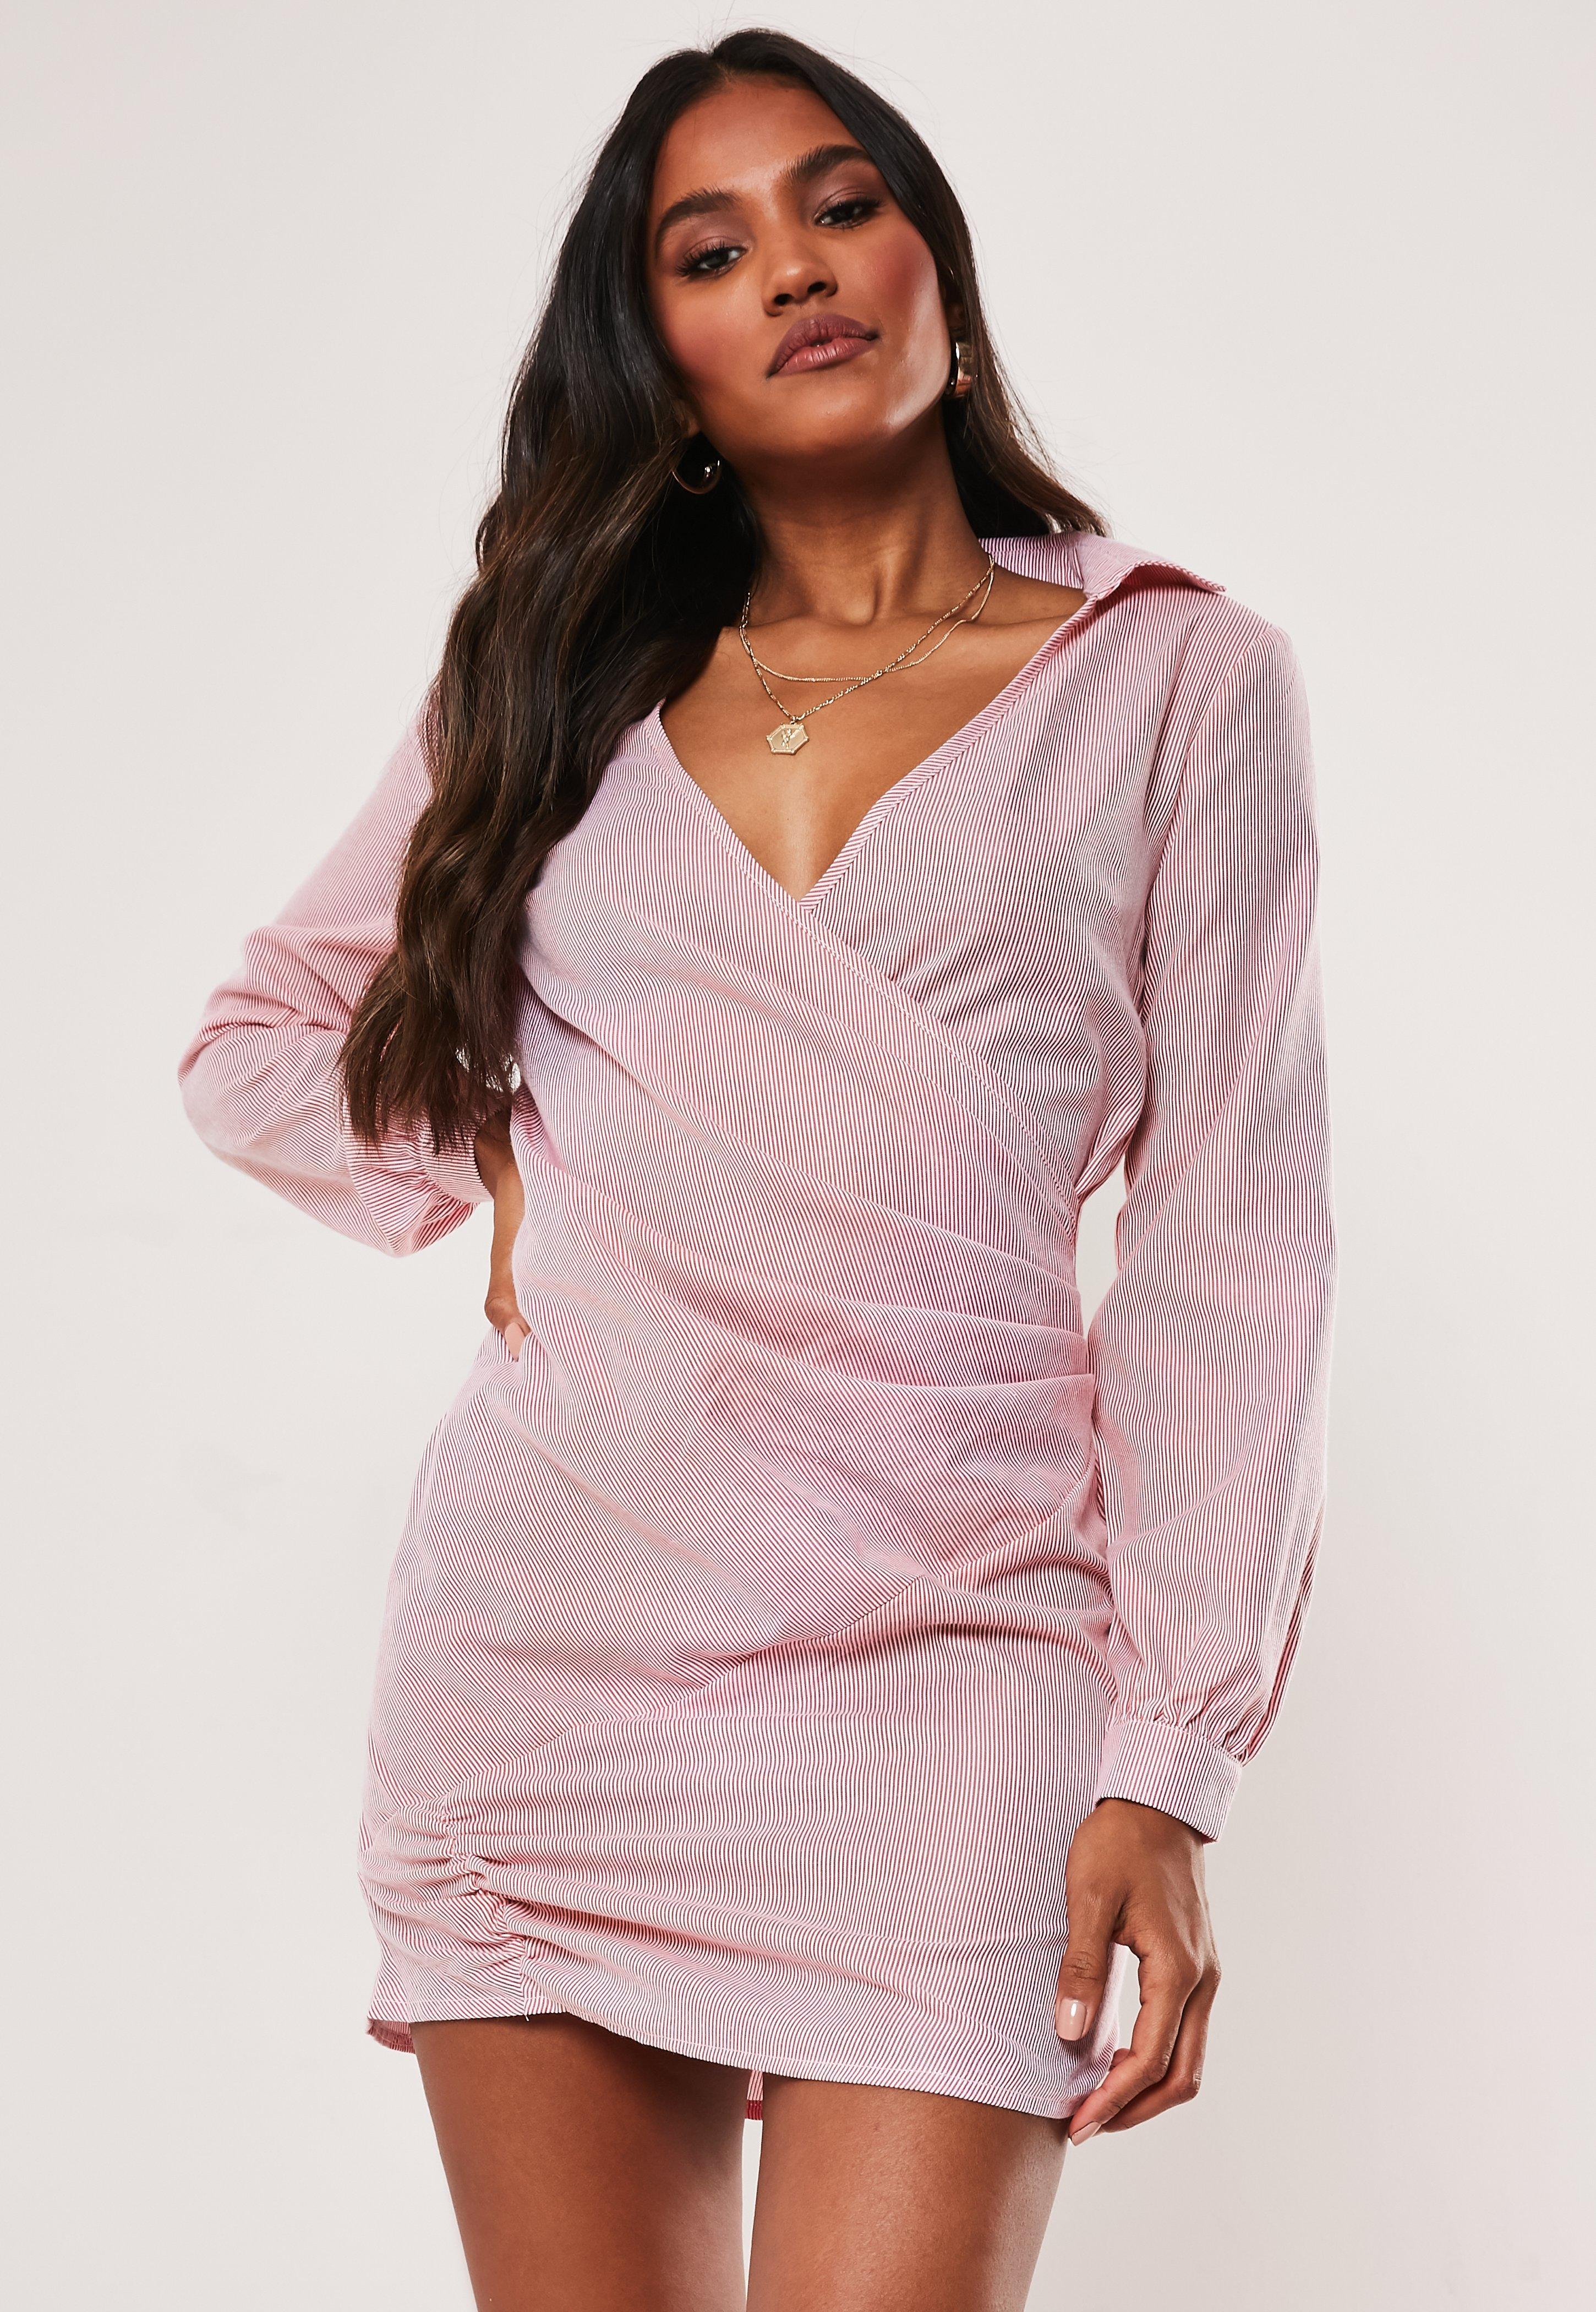 f2069d5edf4 Deep V Neck Dress - Plunging Neckline Dresses | Missguided